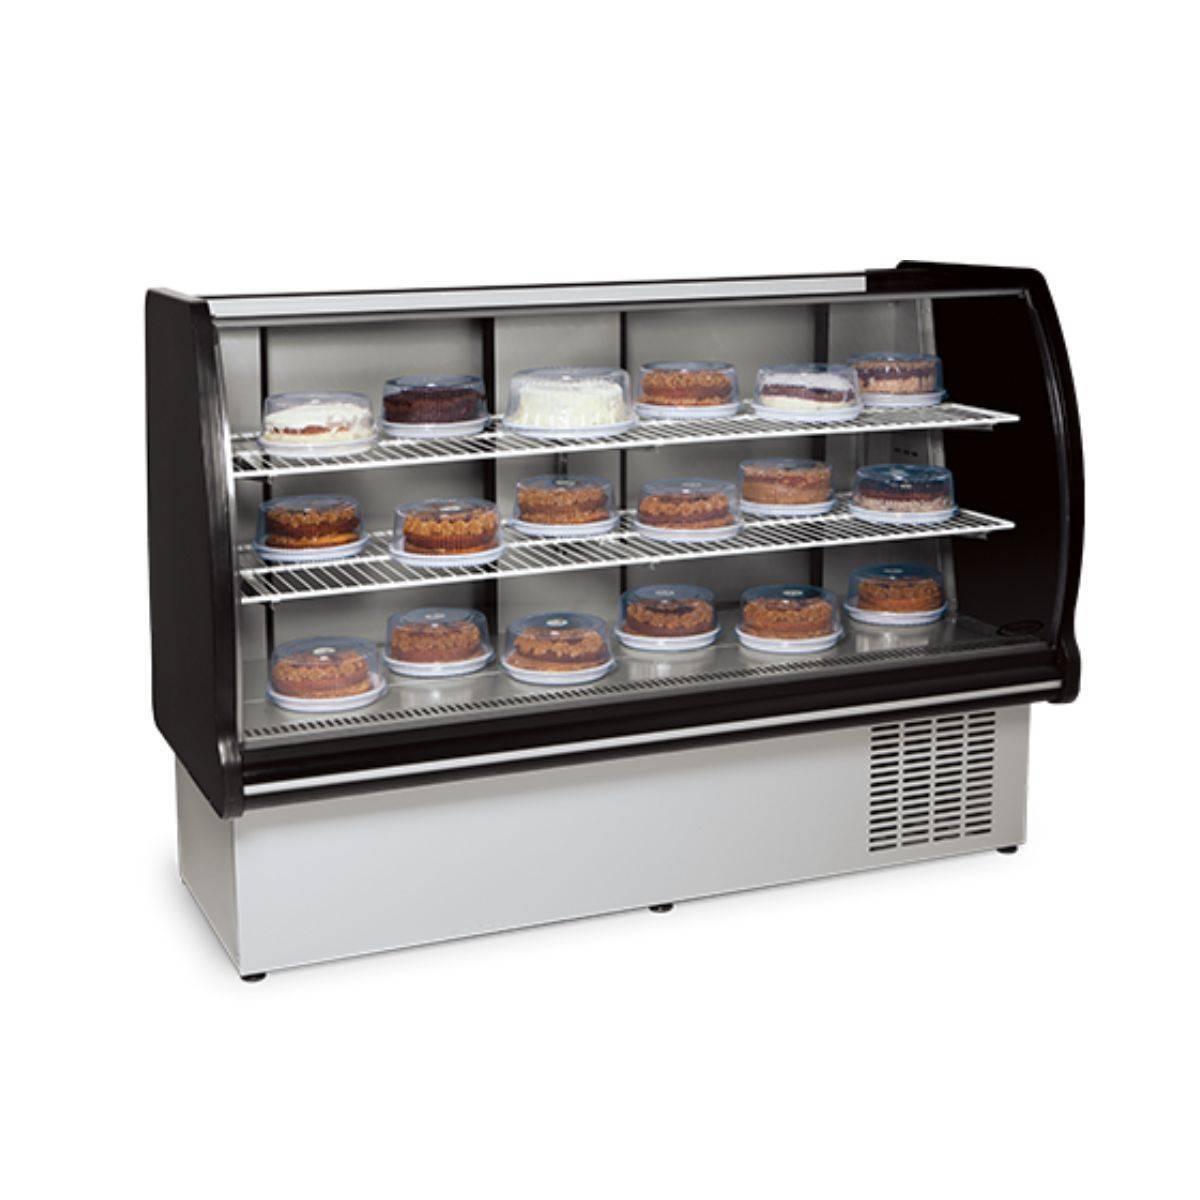 Vitrine Refrigerada para Doces 1,65m VRP-165 Conservex - Magazine do Chef